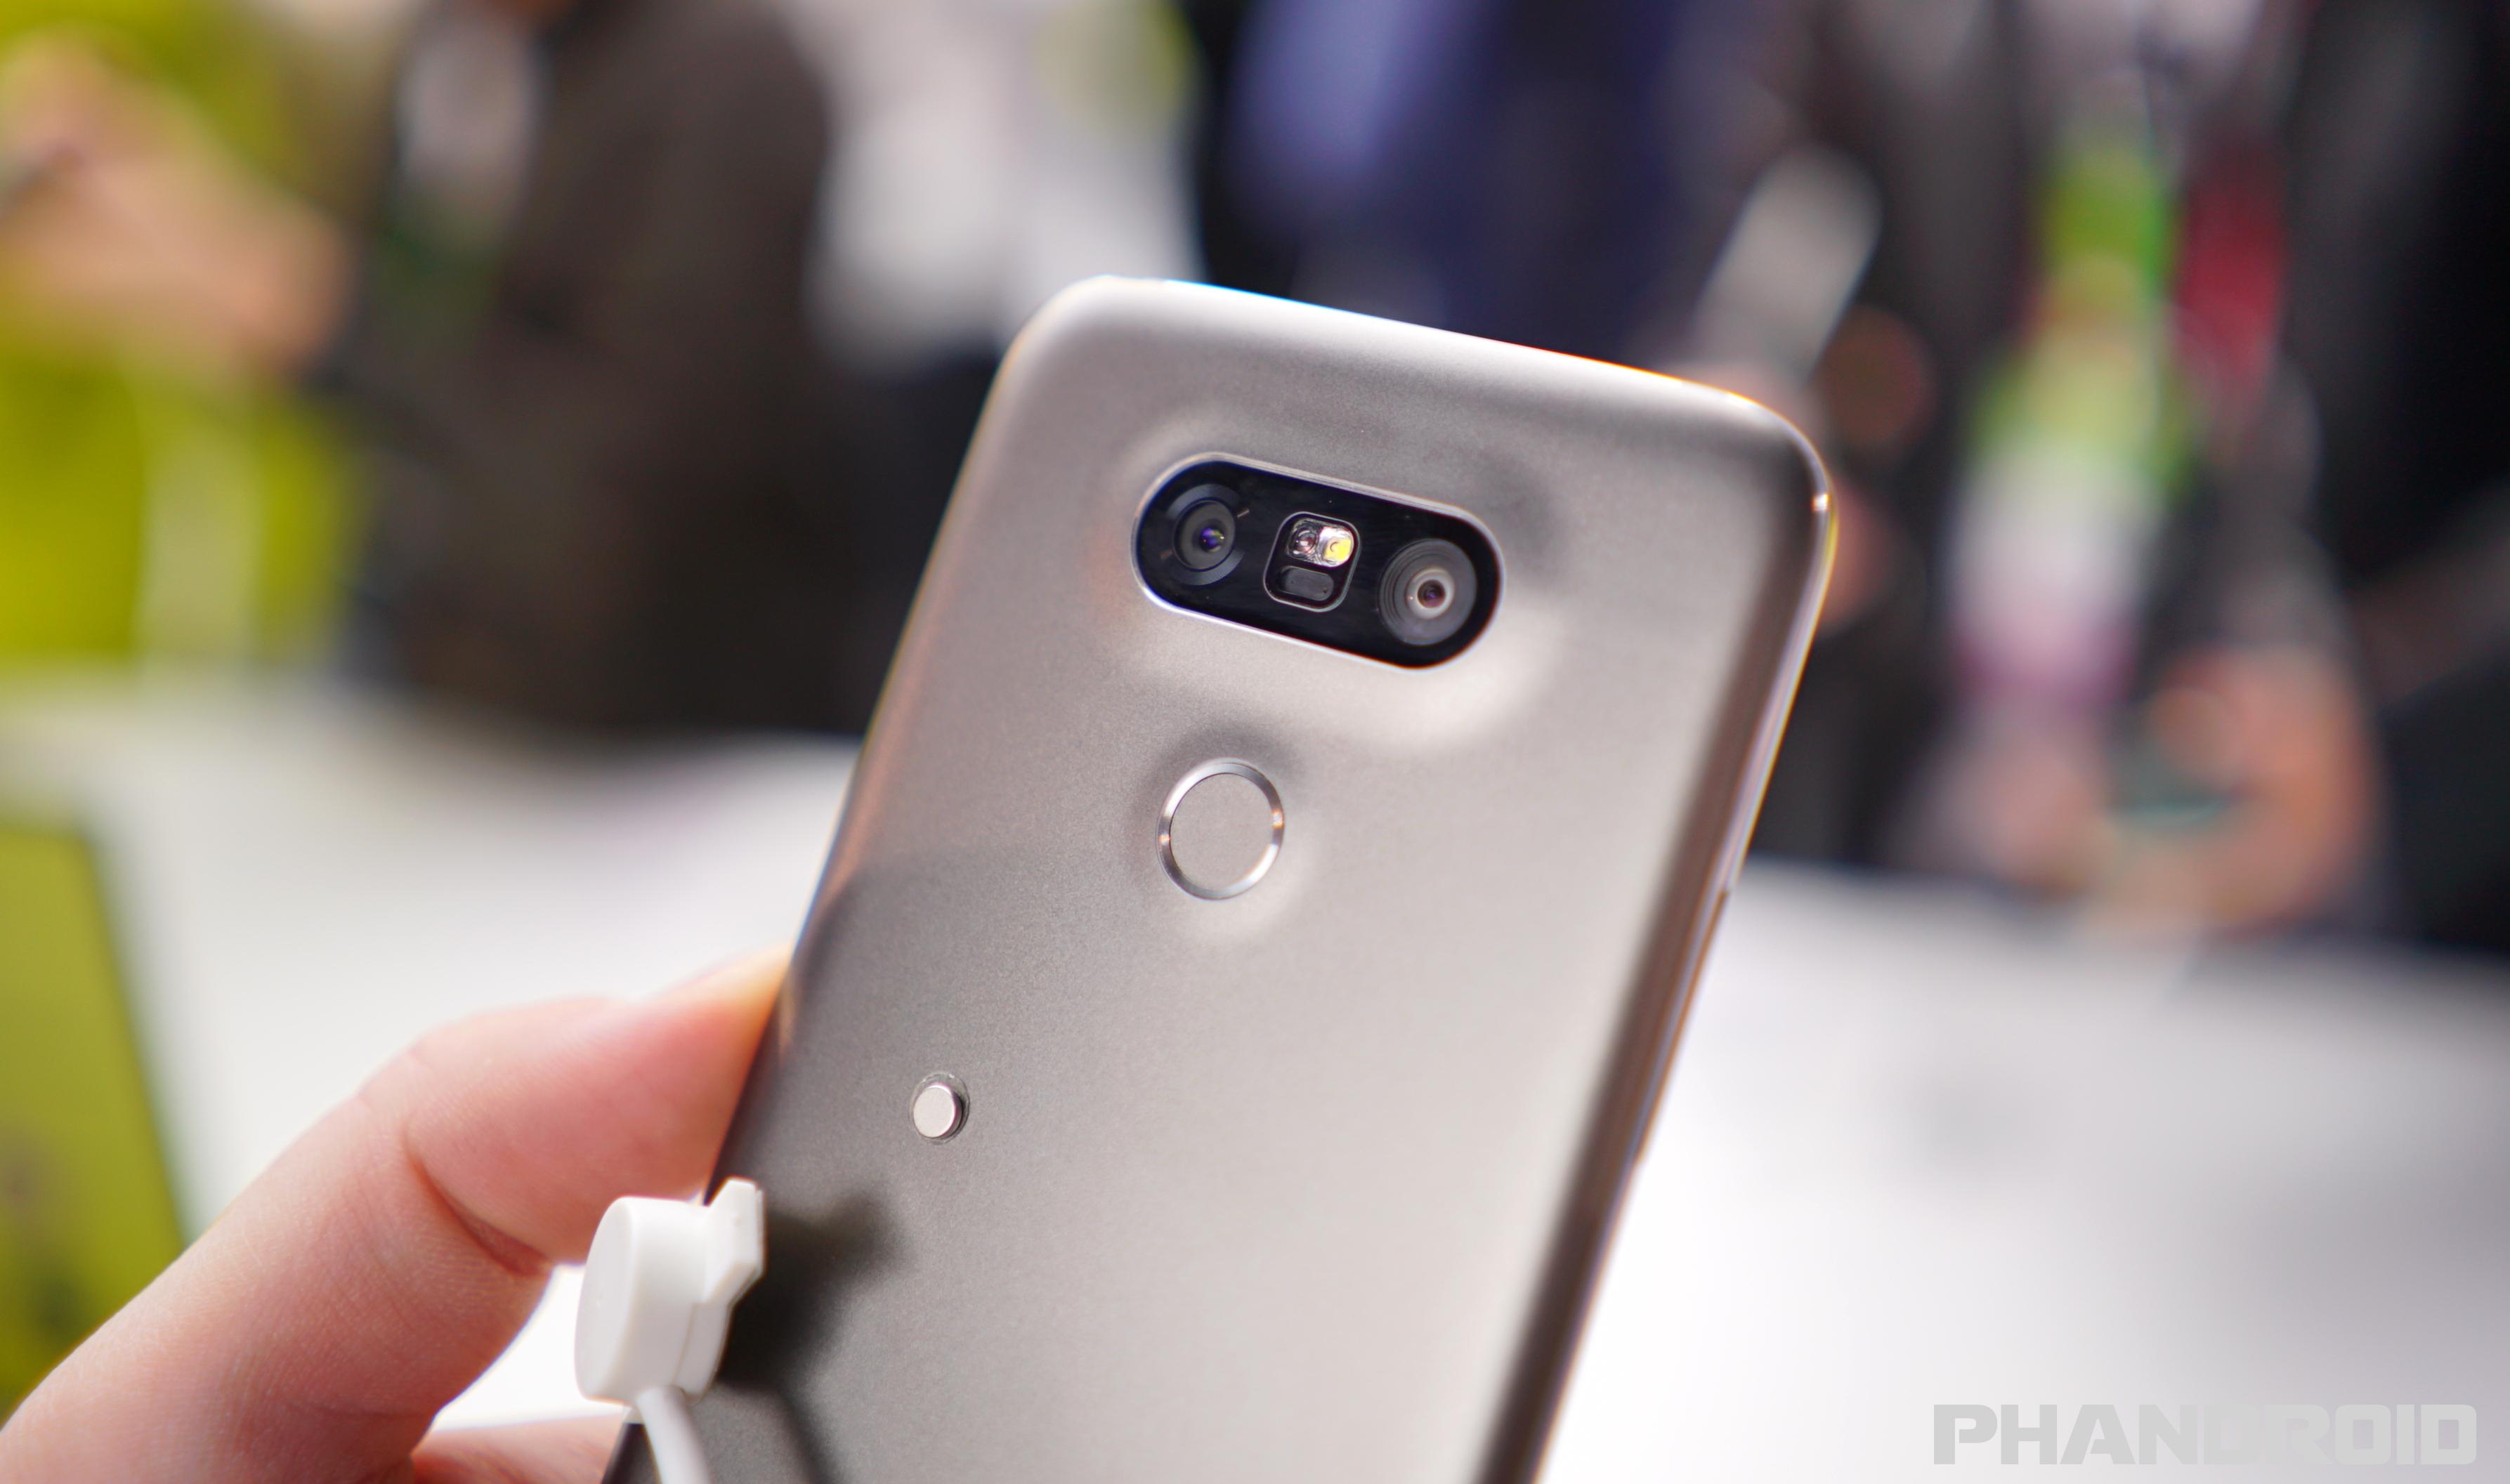 LG G5 vs LG G4 vs LG V10 [CHART]